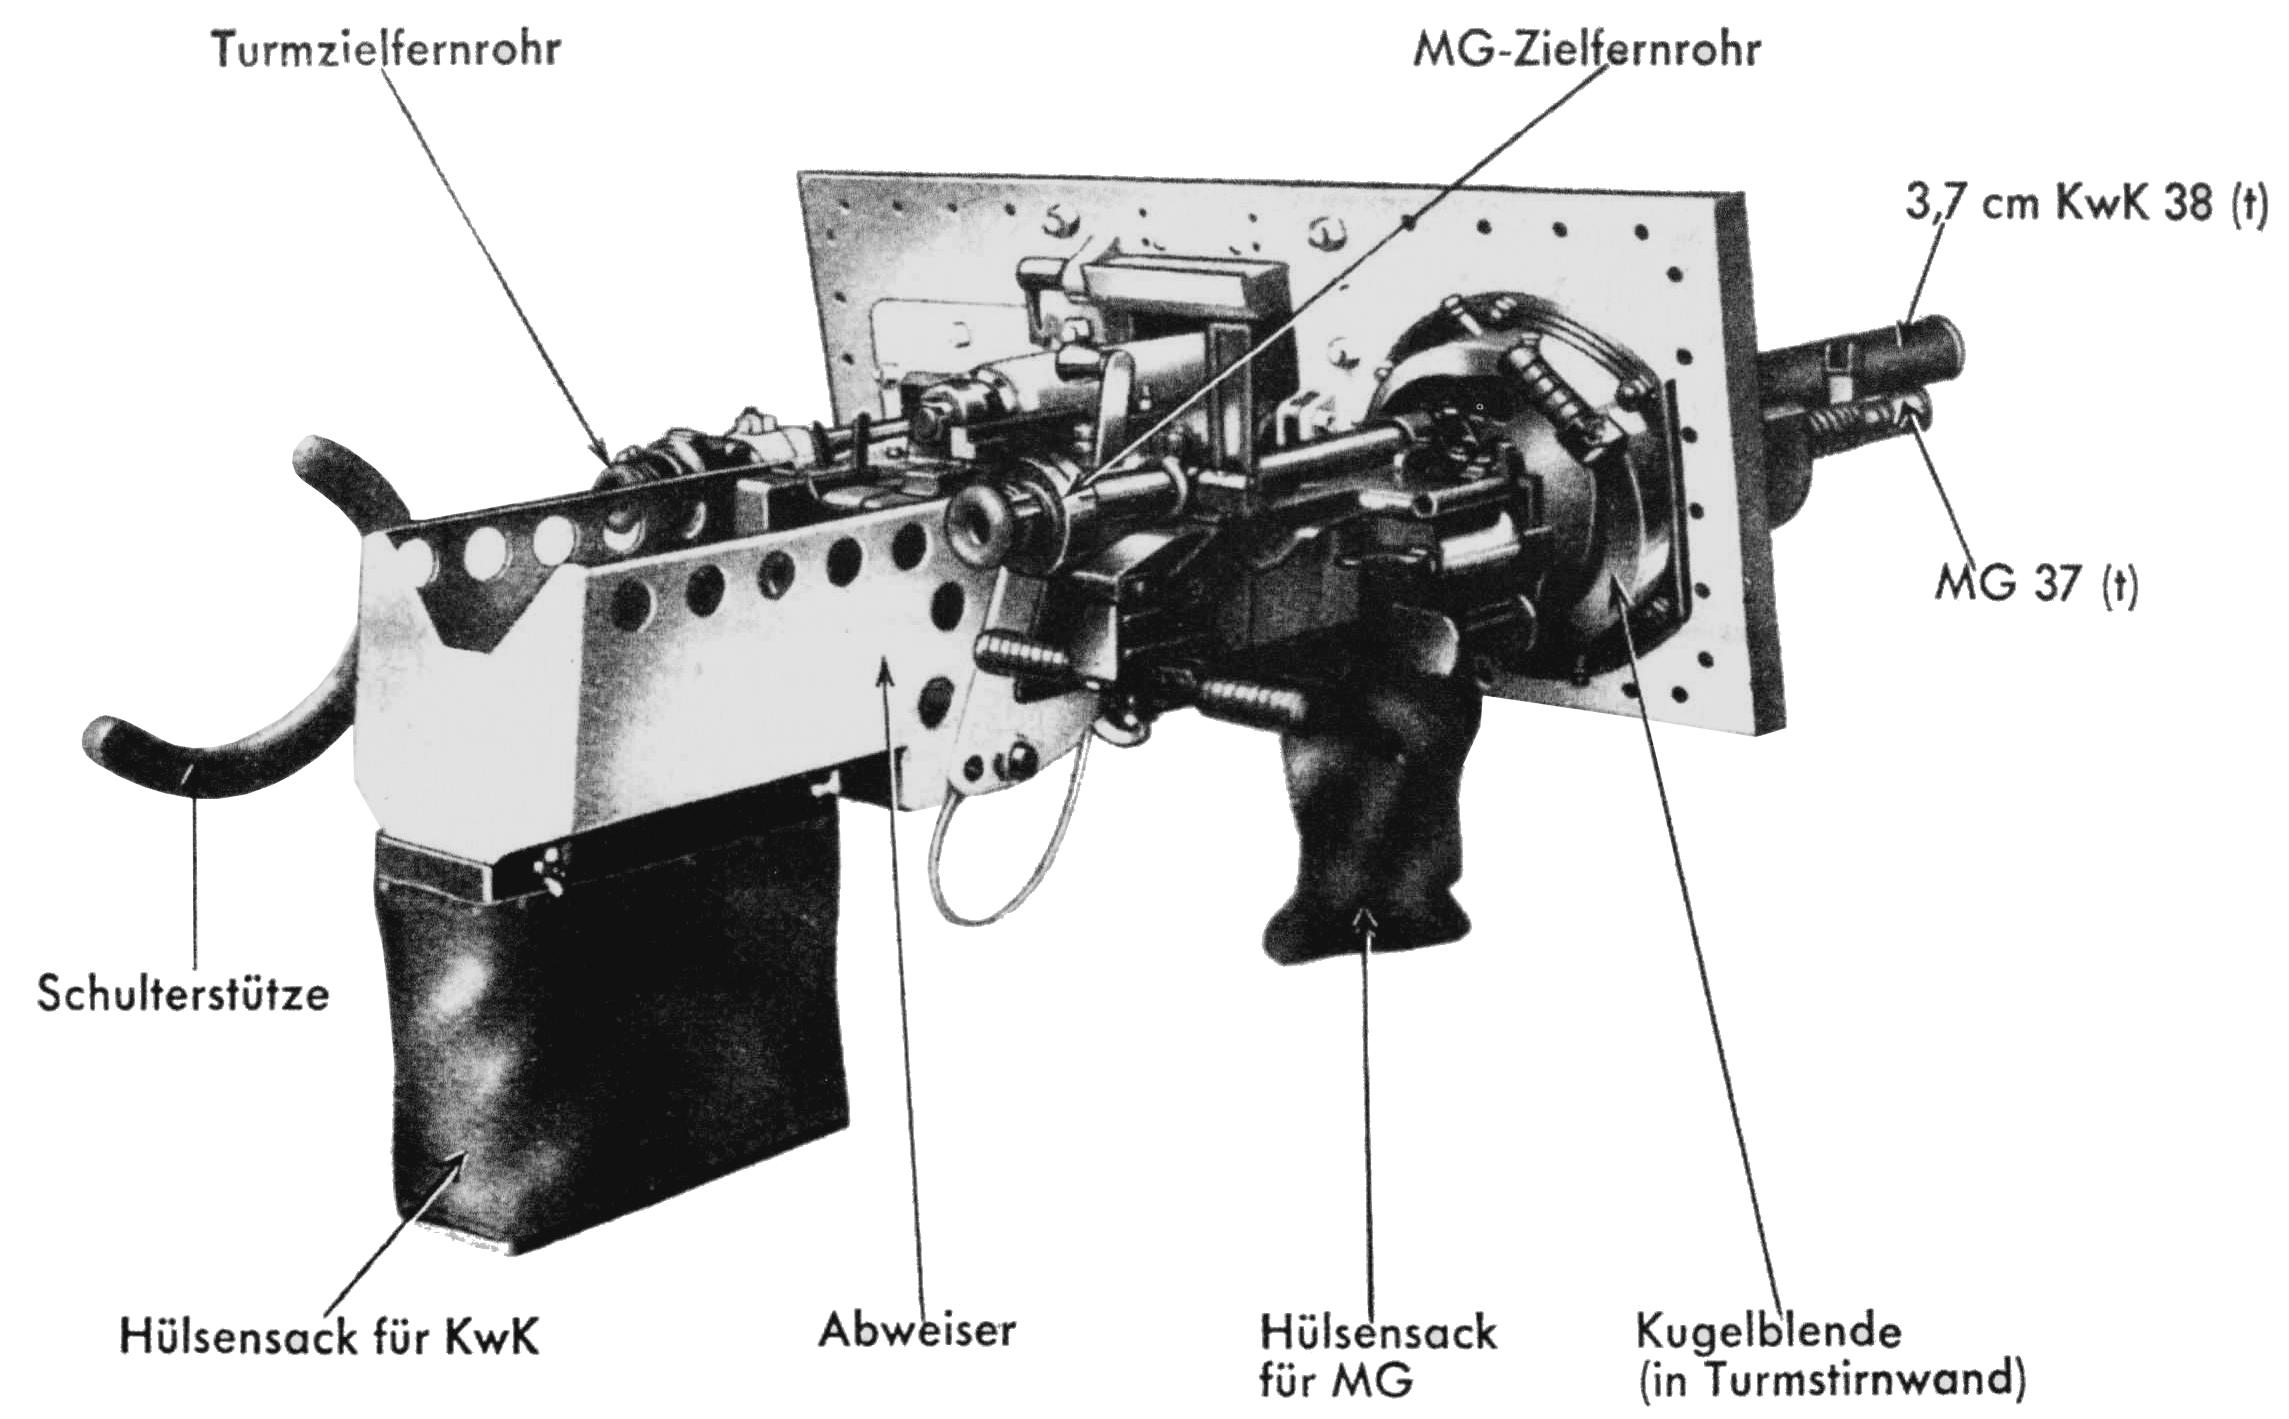 3,7cm ÚV vz. 38